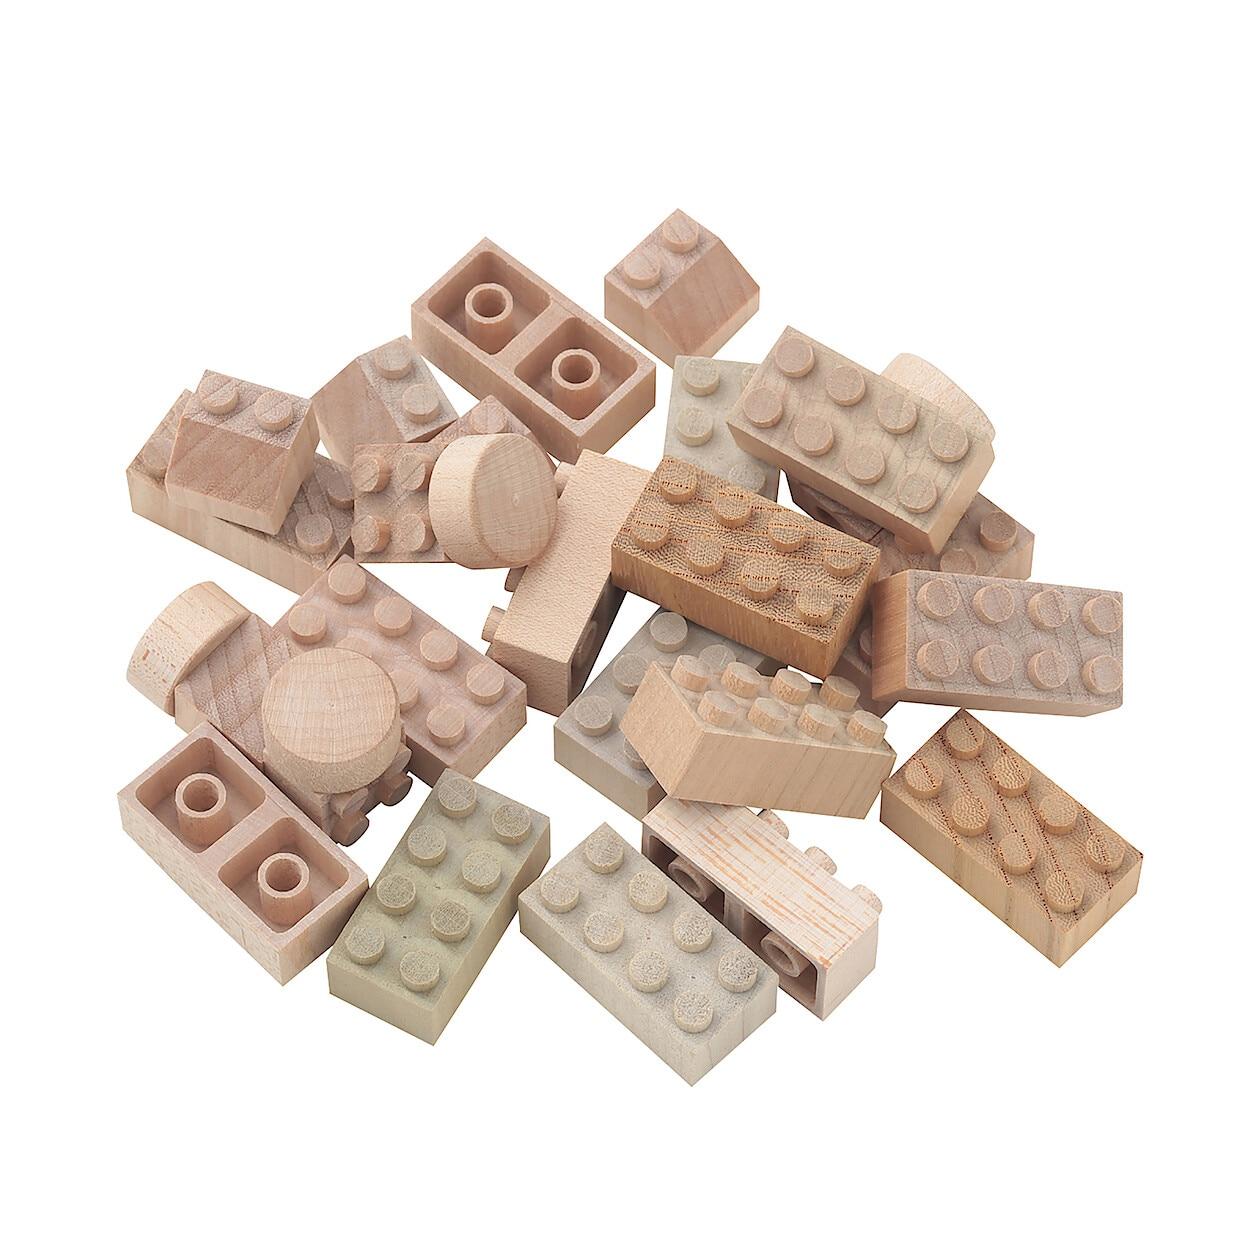 日本の木のおもちゃ_木のブロック・もくロック・小